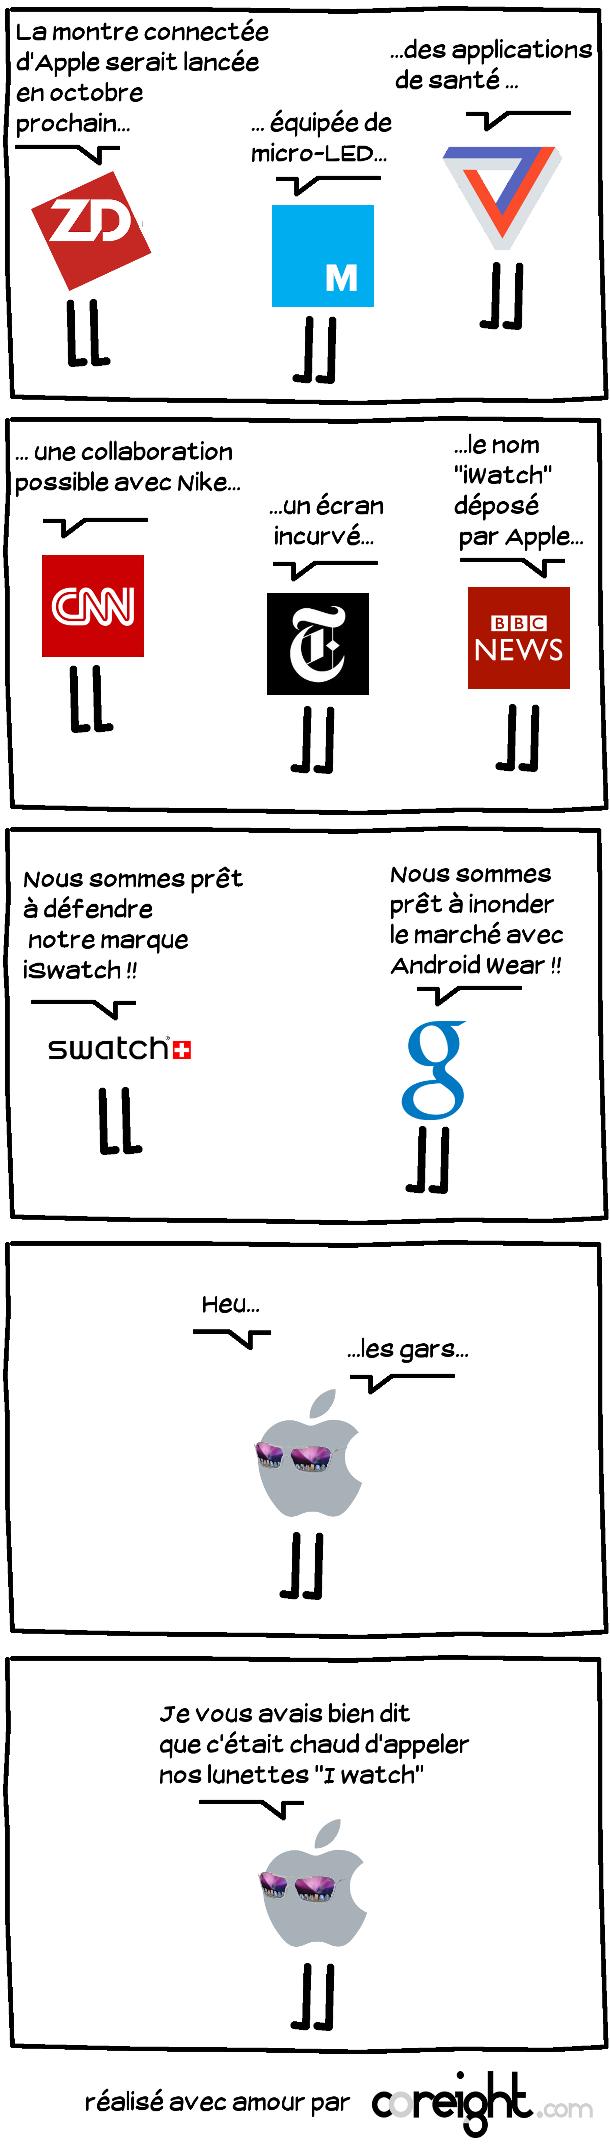 Technotroll #4 : quand ils s'enflamment pour l'iWatch